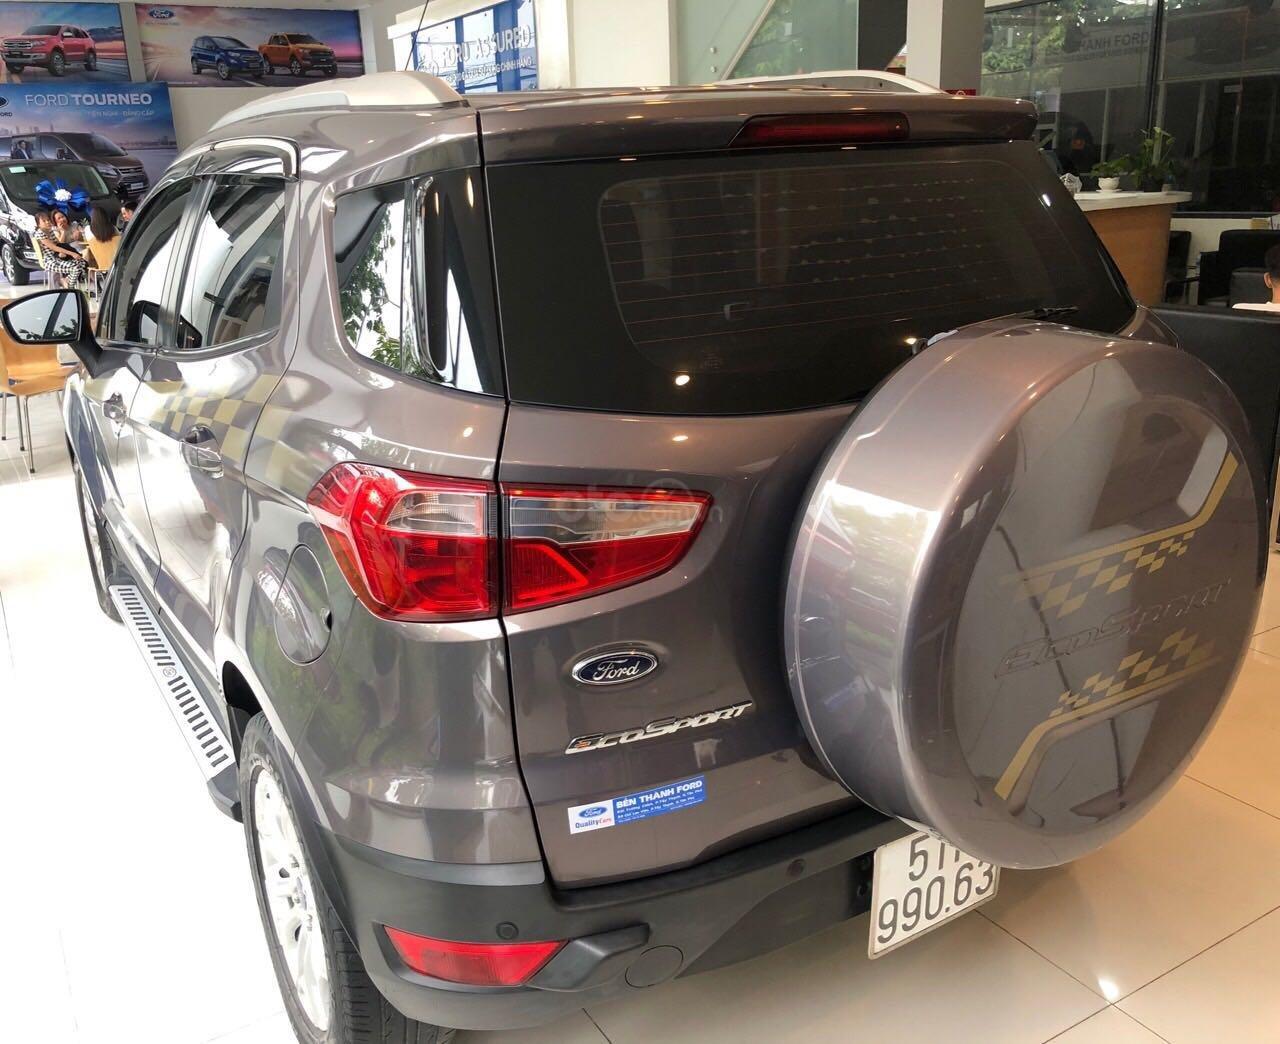 Bán xe Ford EcoSport sản xuất 2016, màu nâu, xe gia đình giá tốt 514 triệu đồng (8)